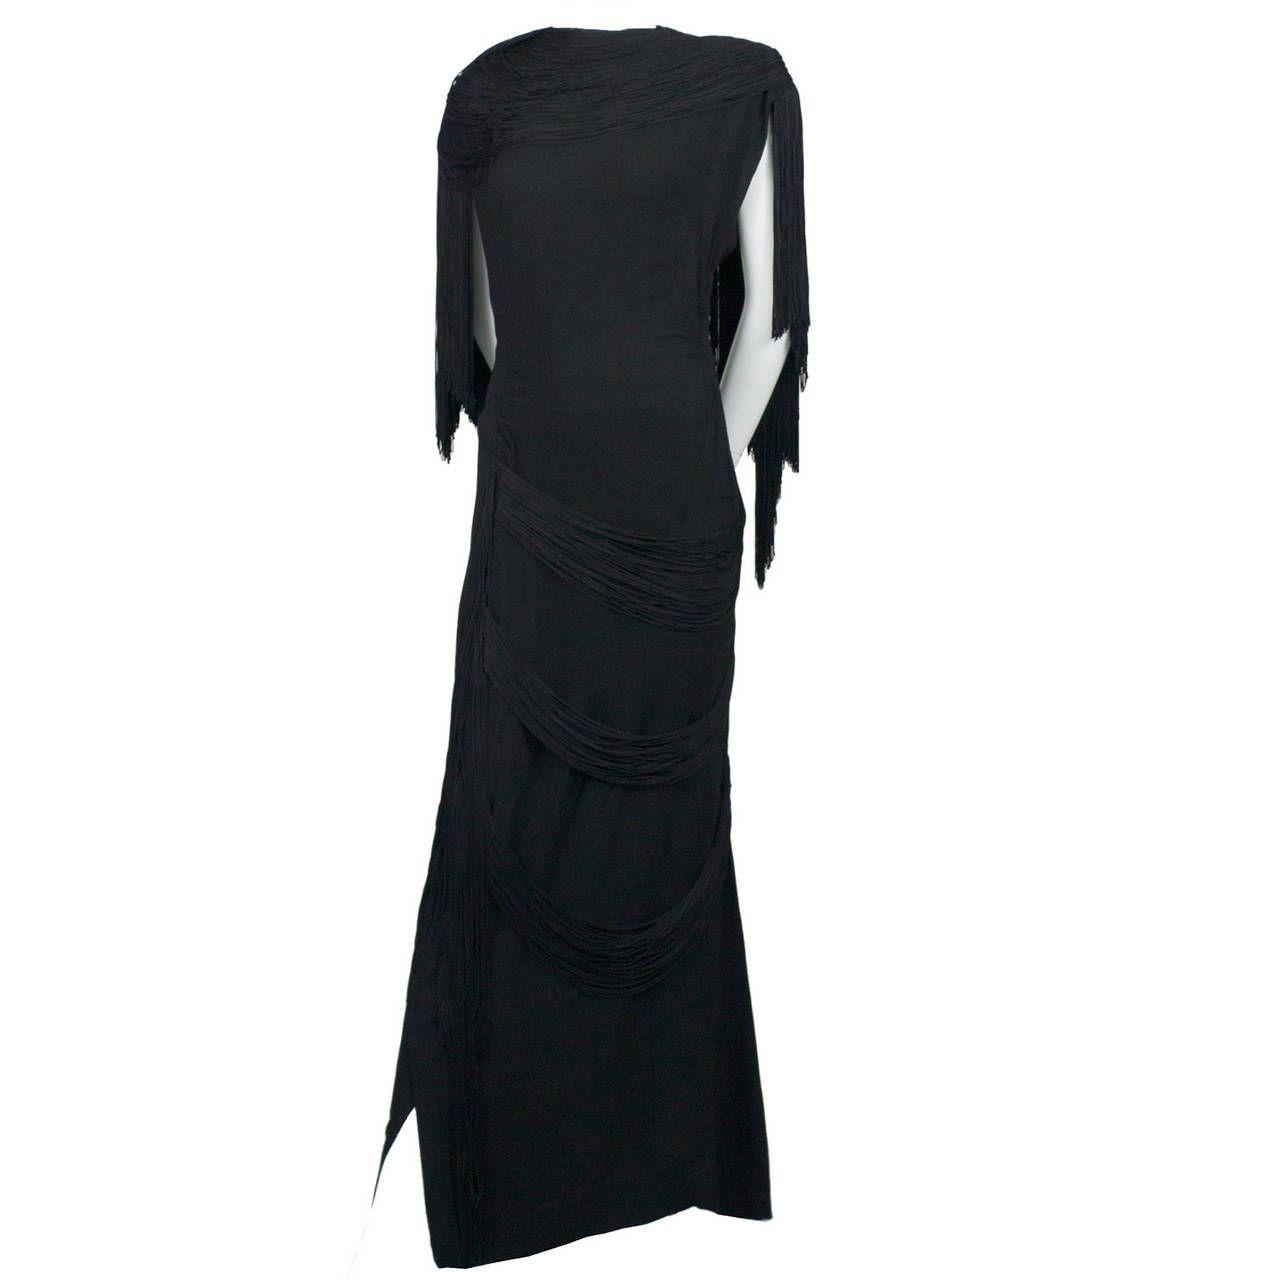 Rare custom gilbert adrian vintage dress s black fringe formal